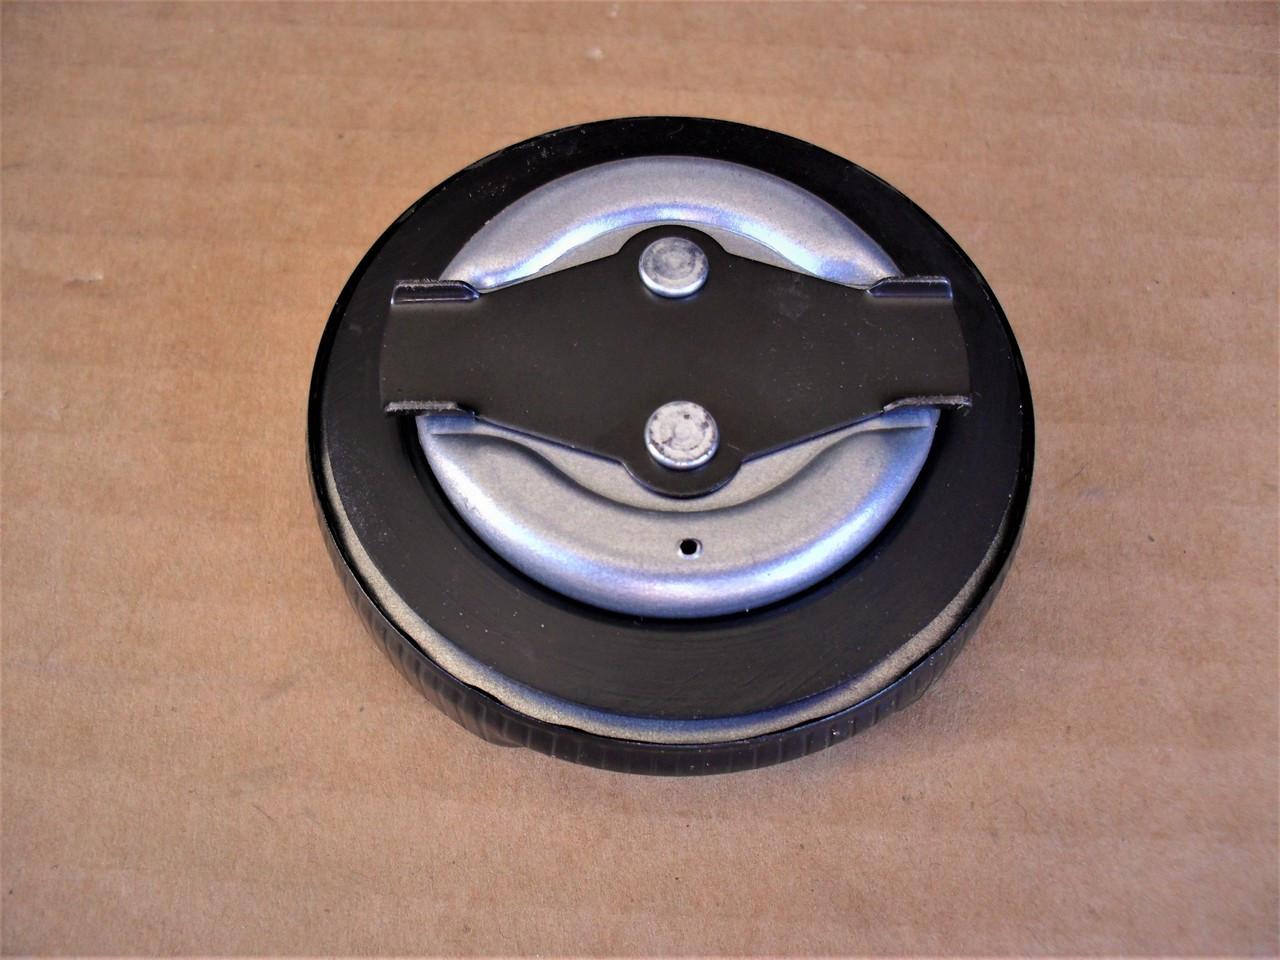 Stens 058-145 Fuel Cap Subaru X43-04401-42